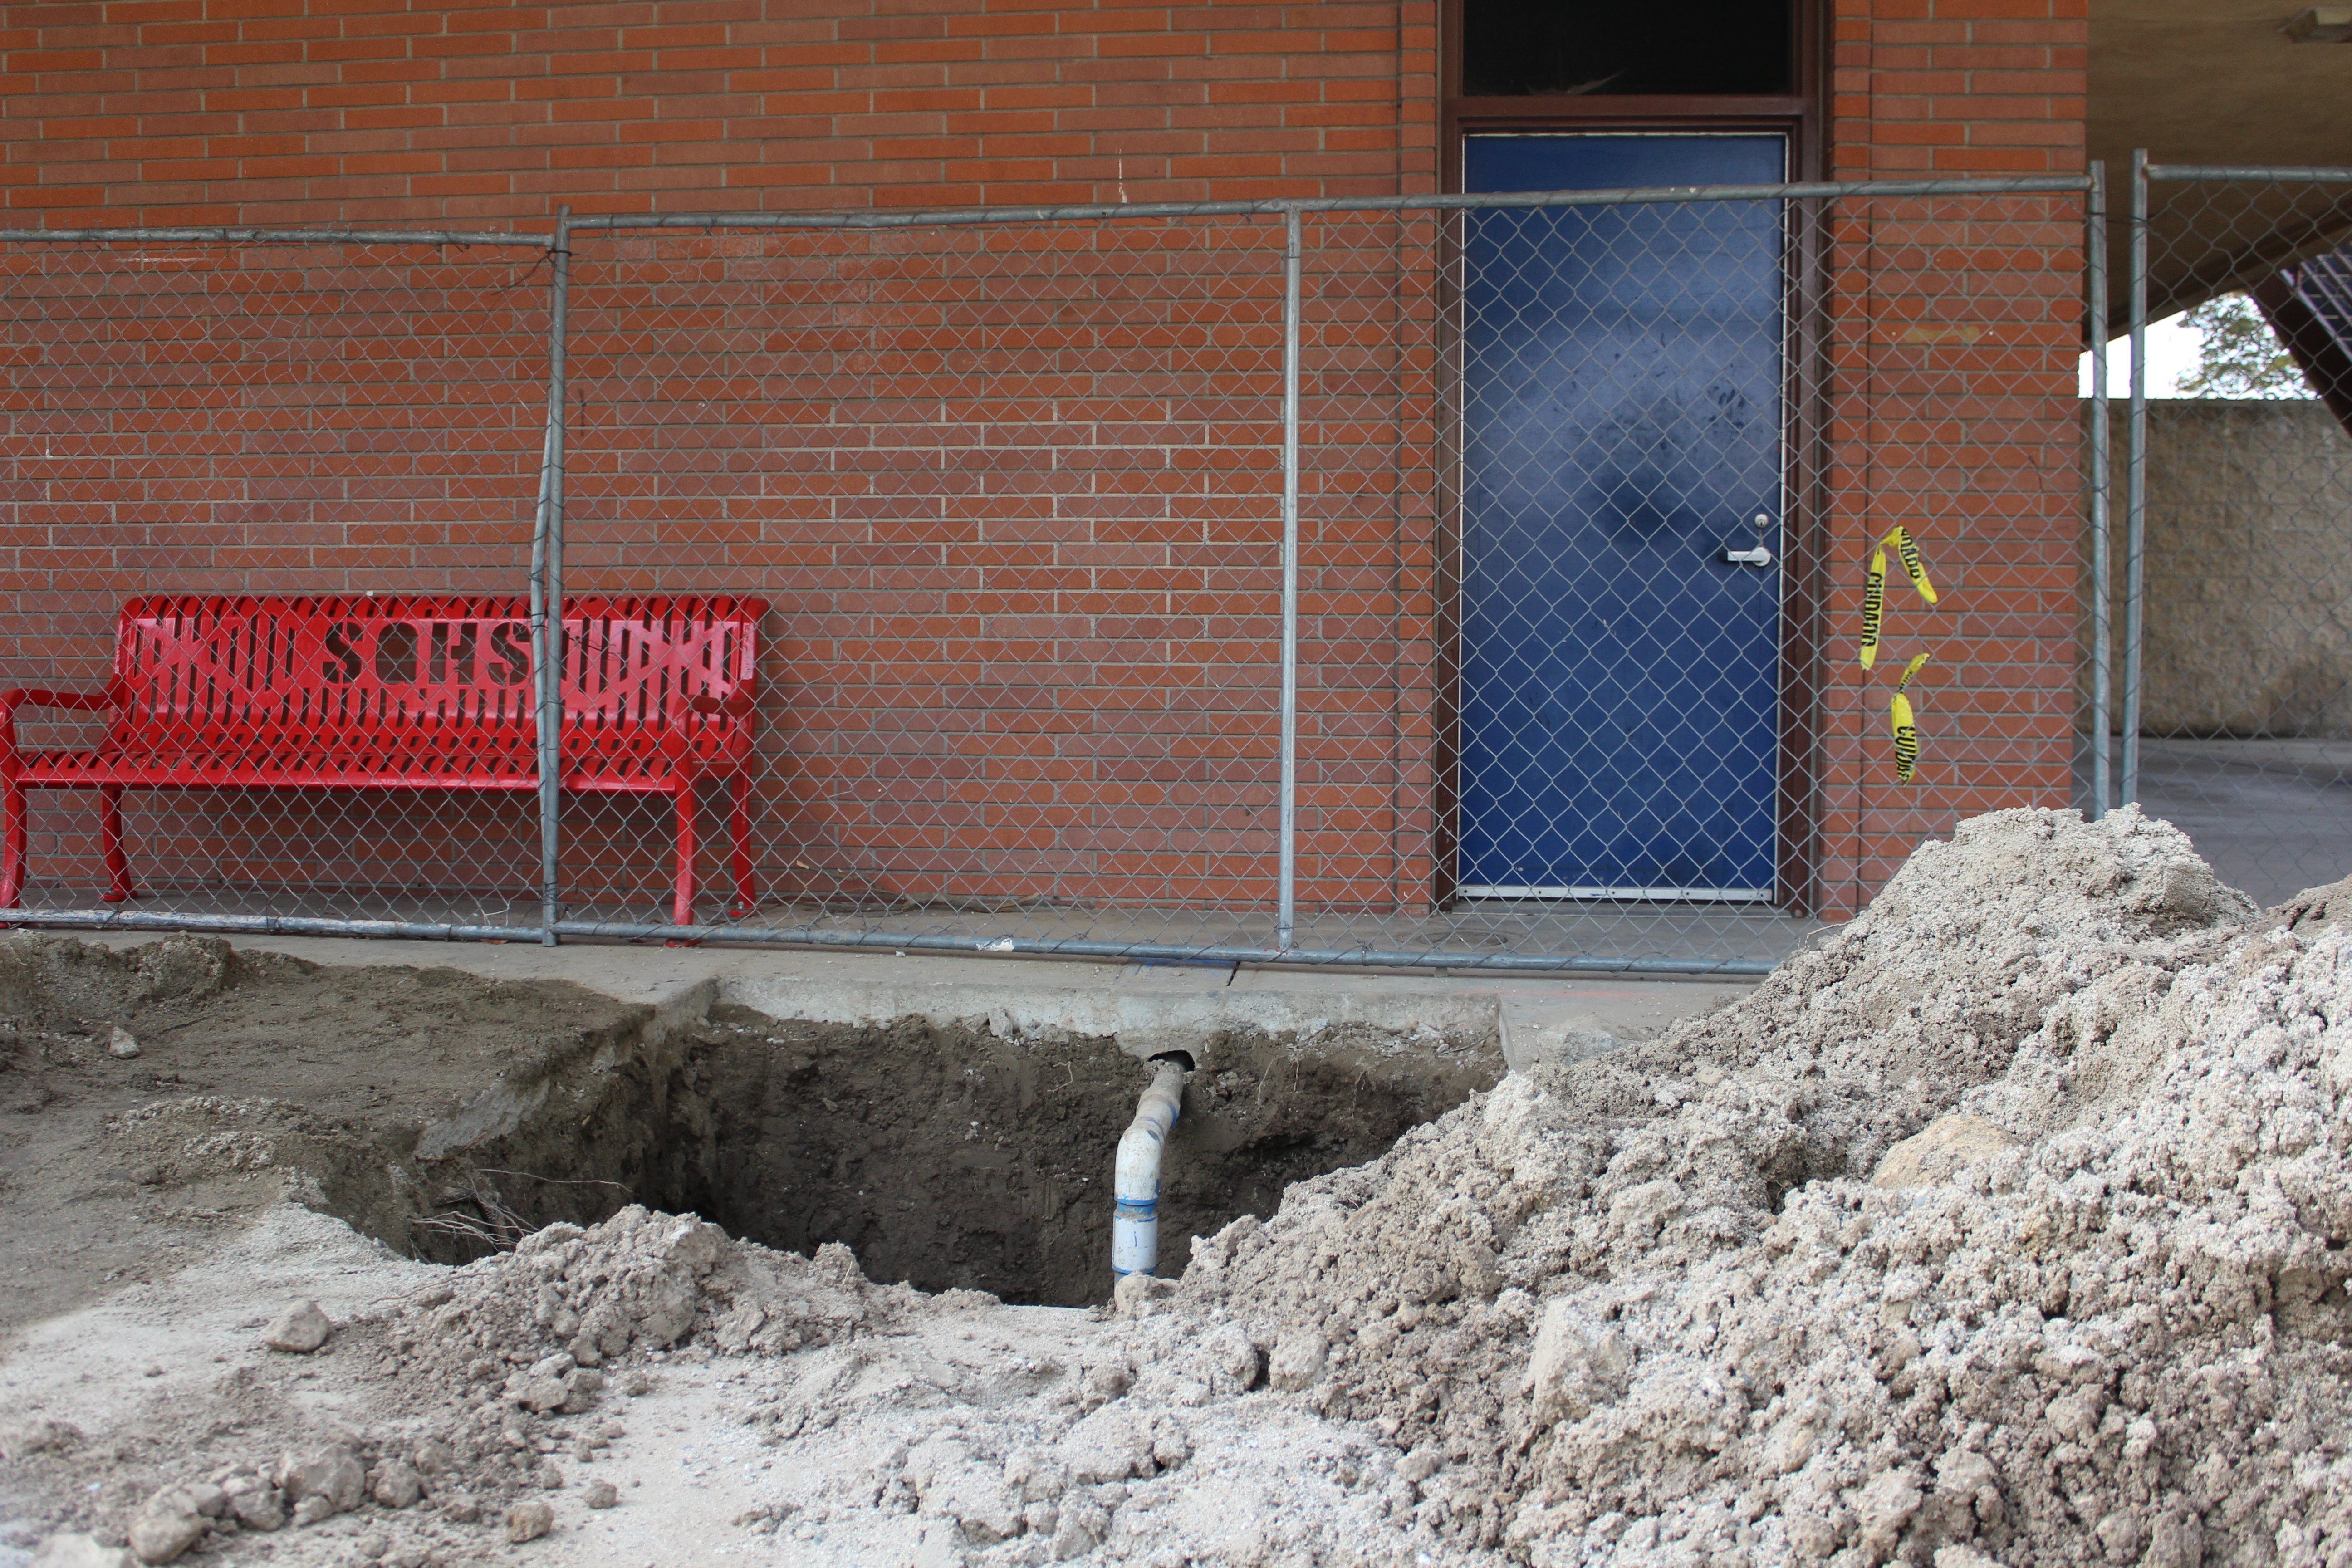 L-building construction seeks to fix leaks